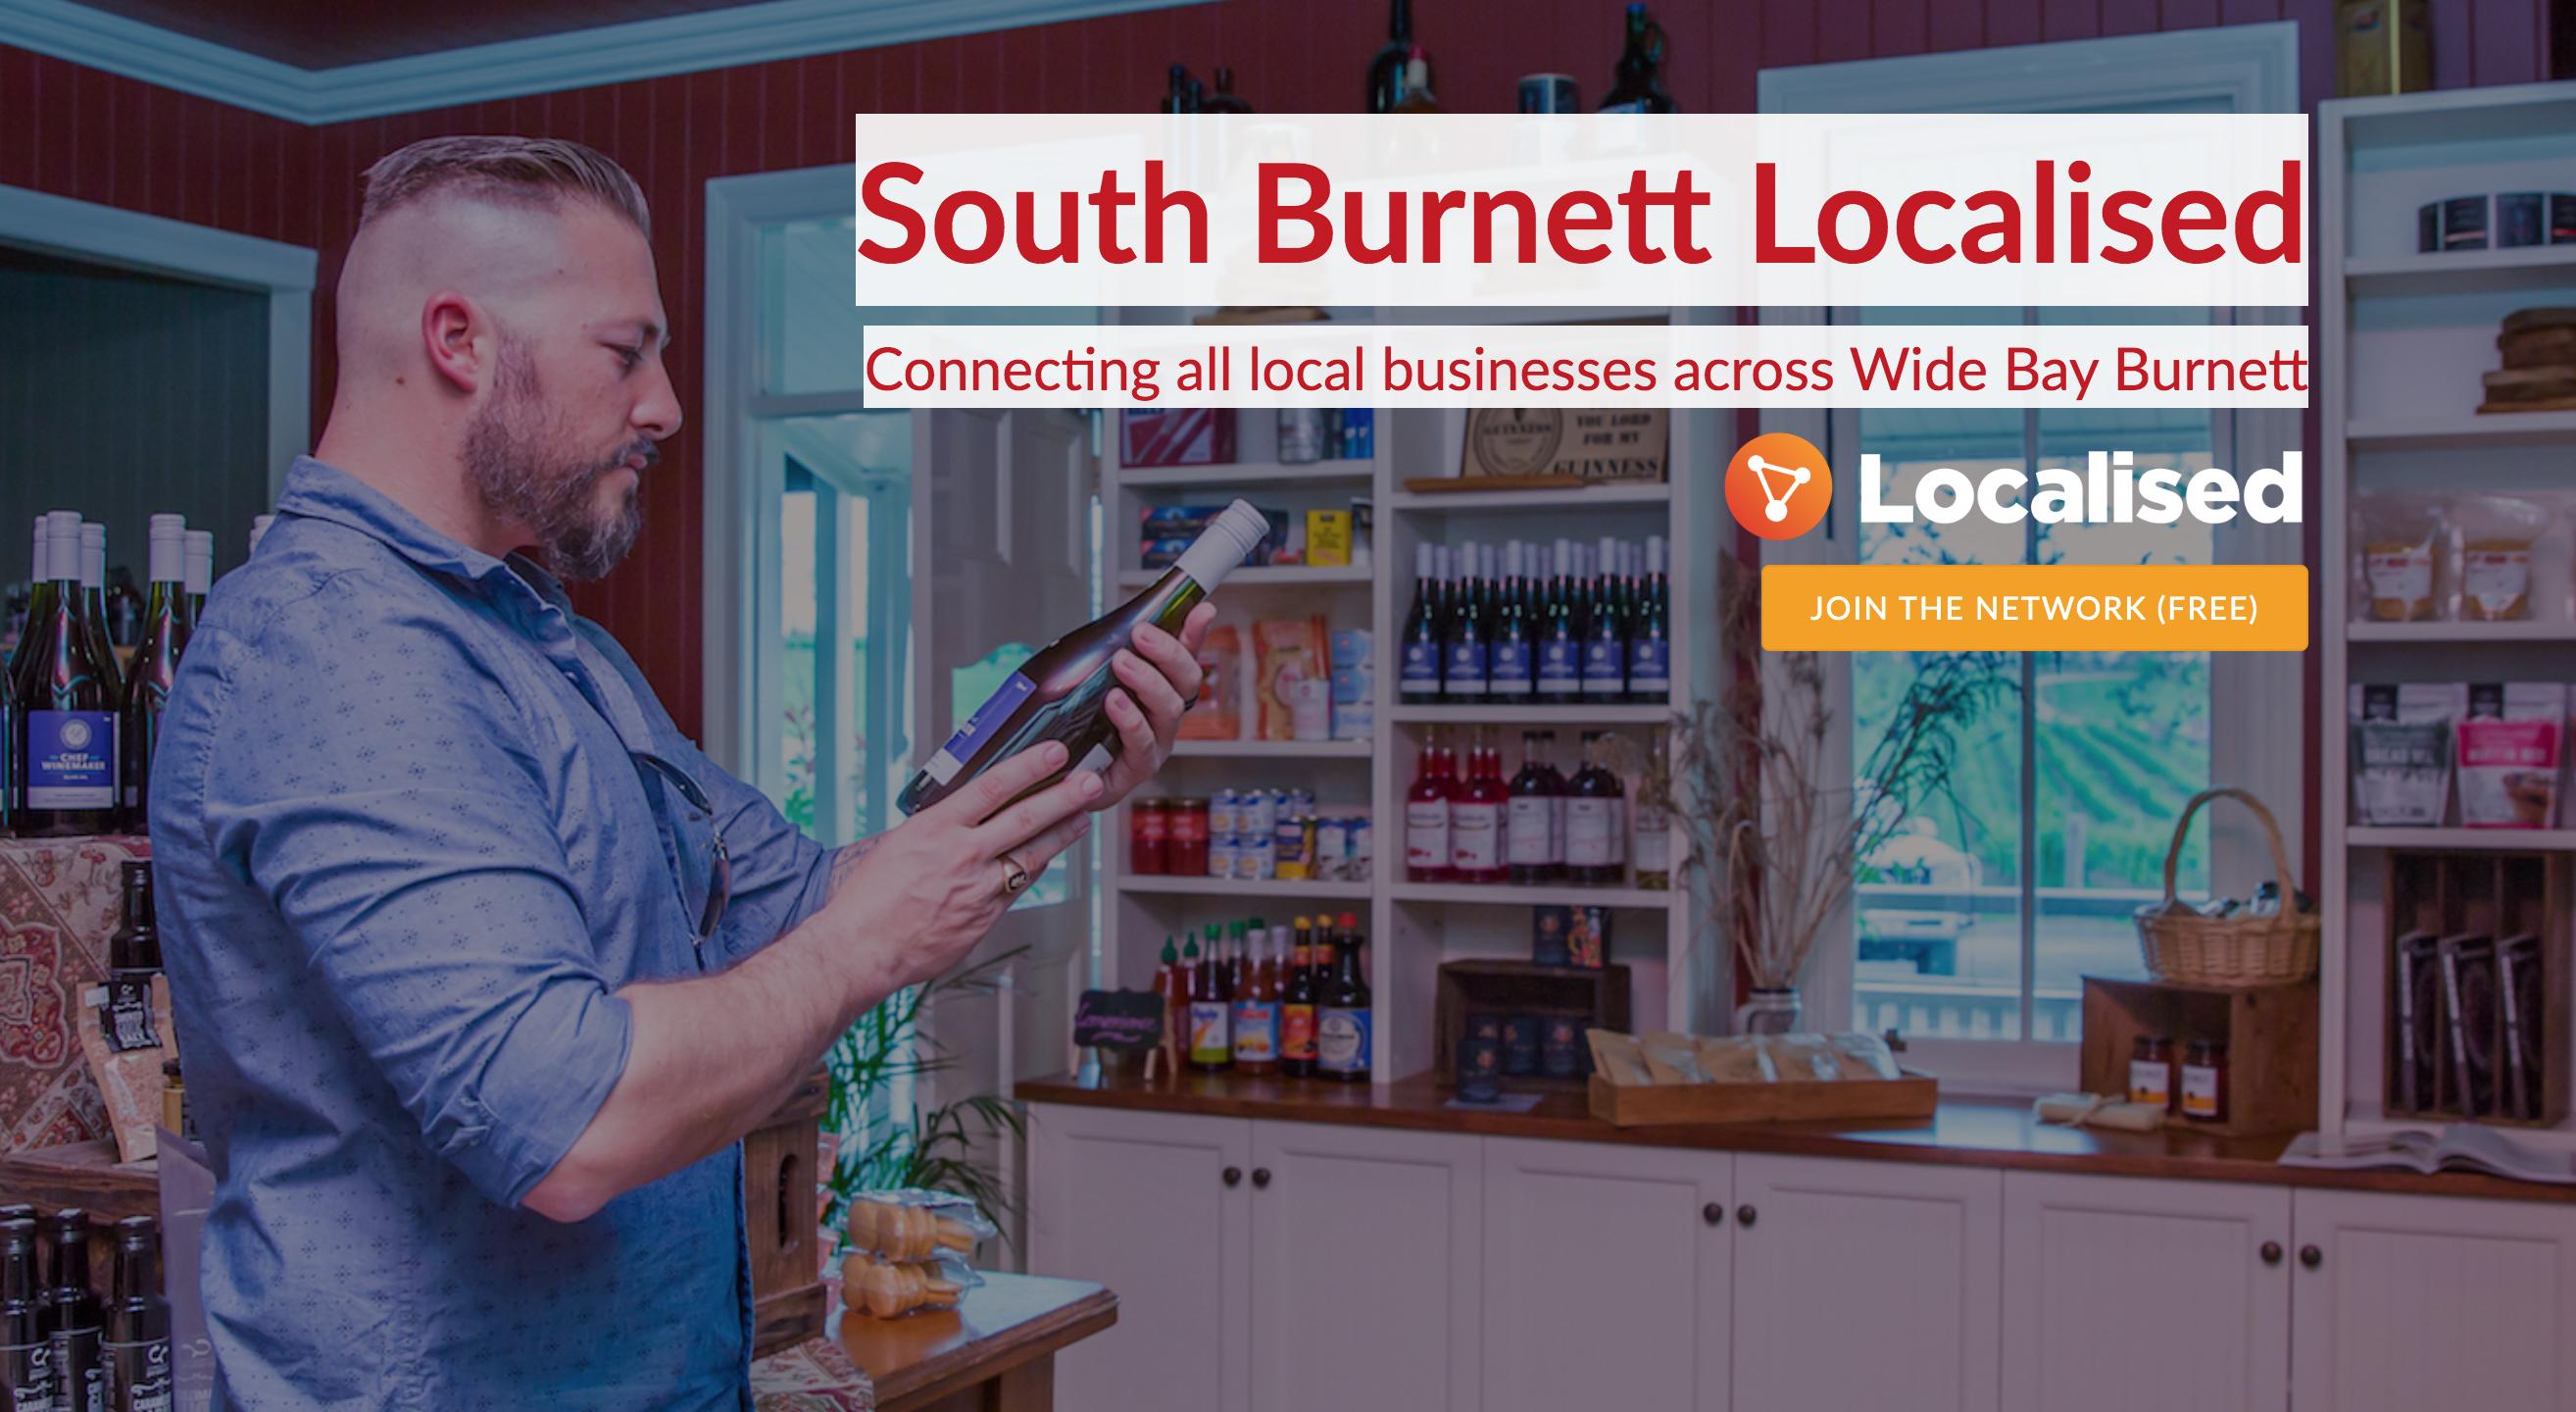 South Burnett Localised